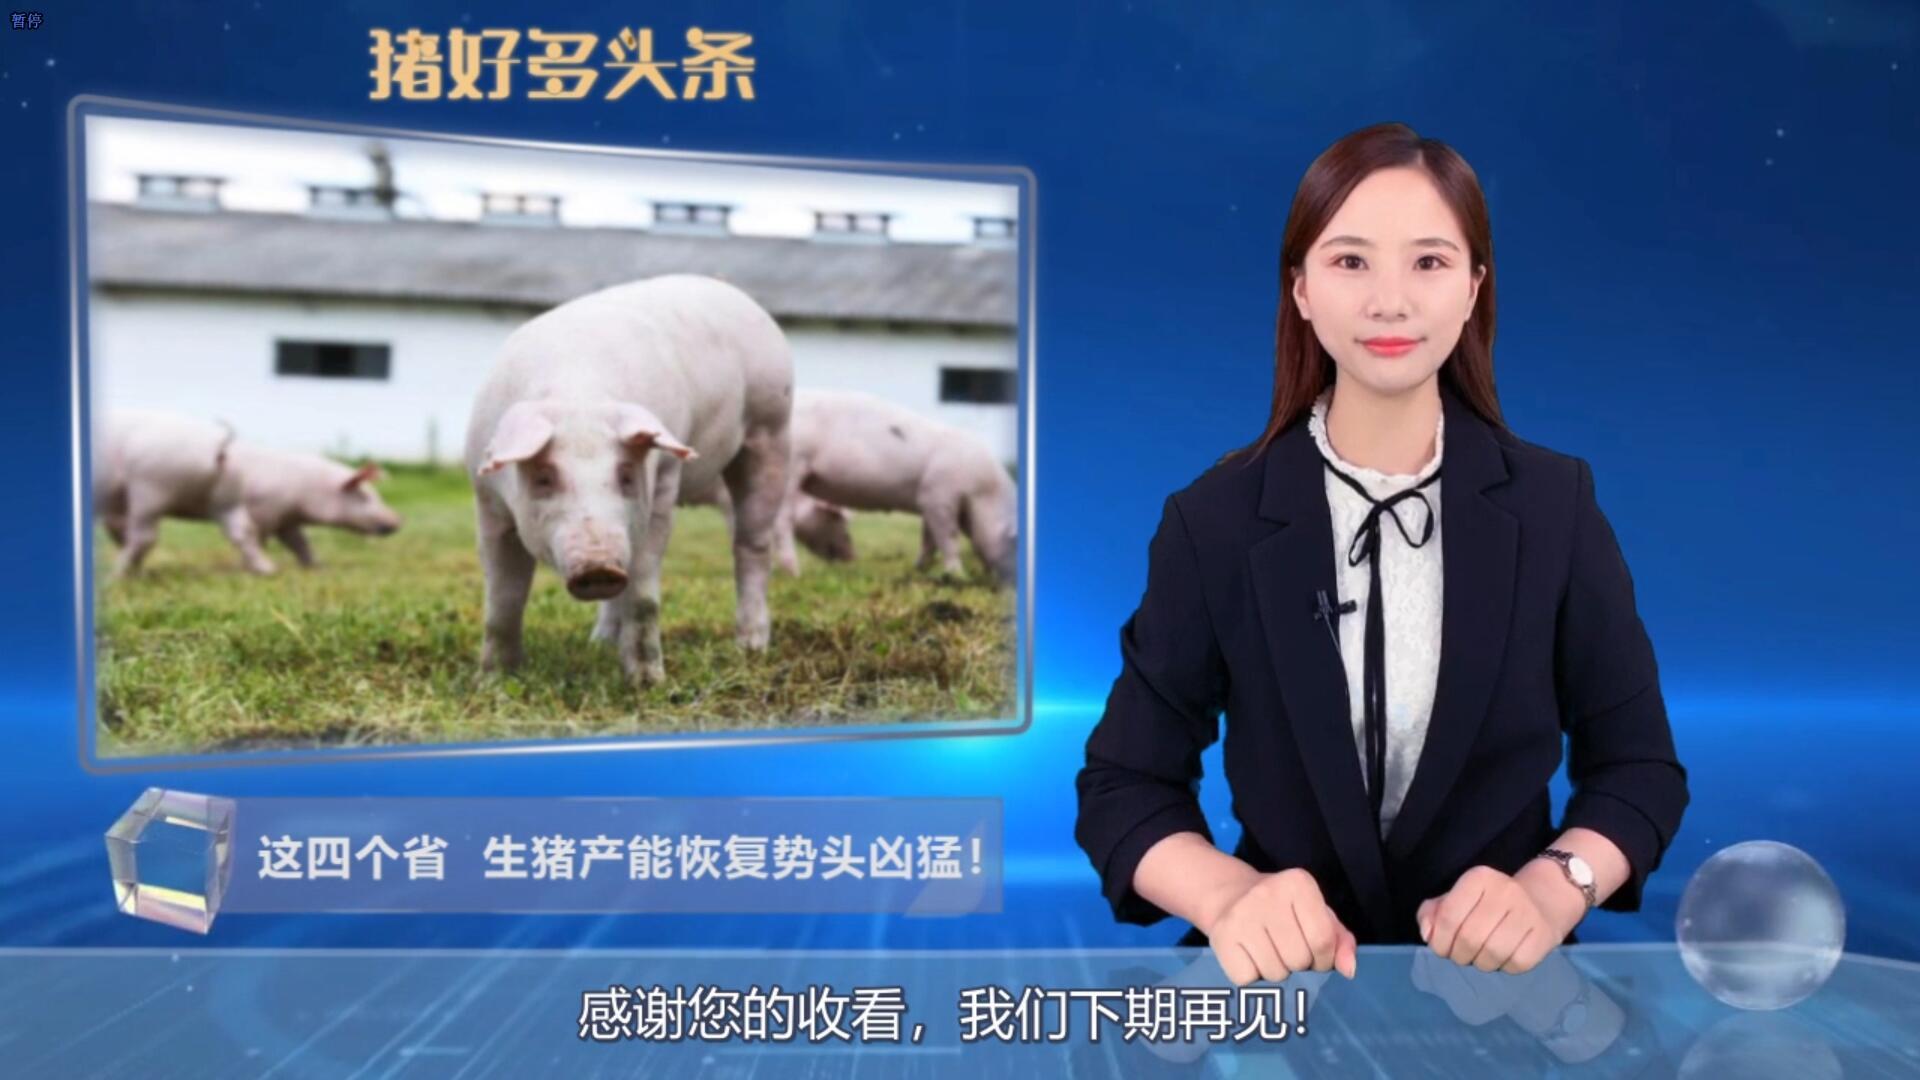 全国生猪生产恢复已取得阶段性成效,这四个省产能恢复势头凶猛